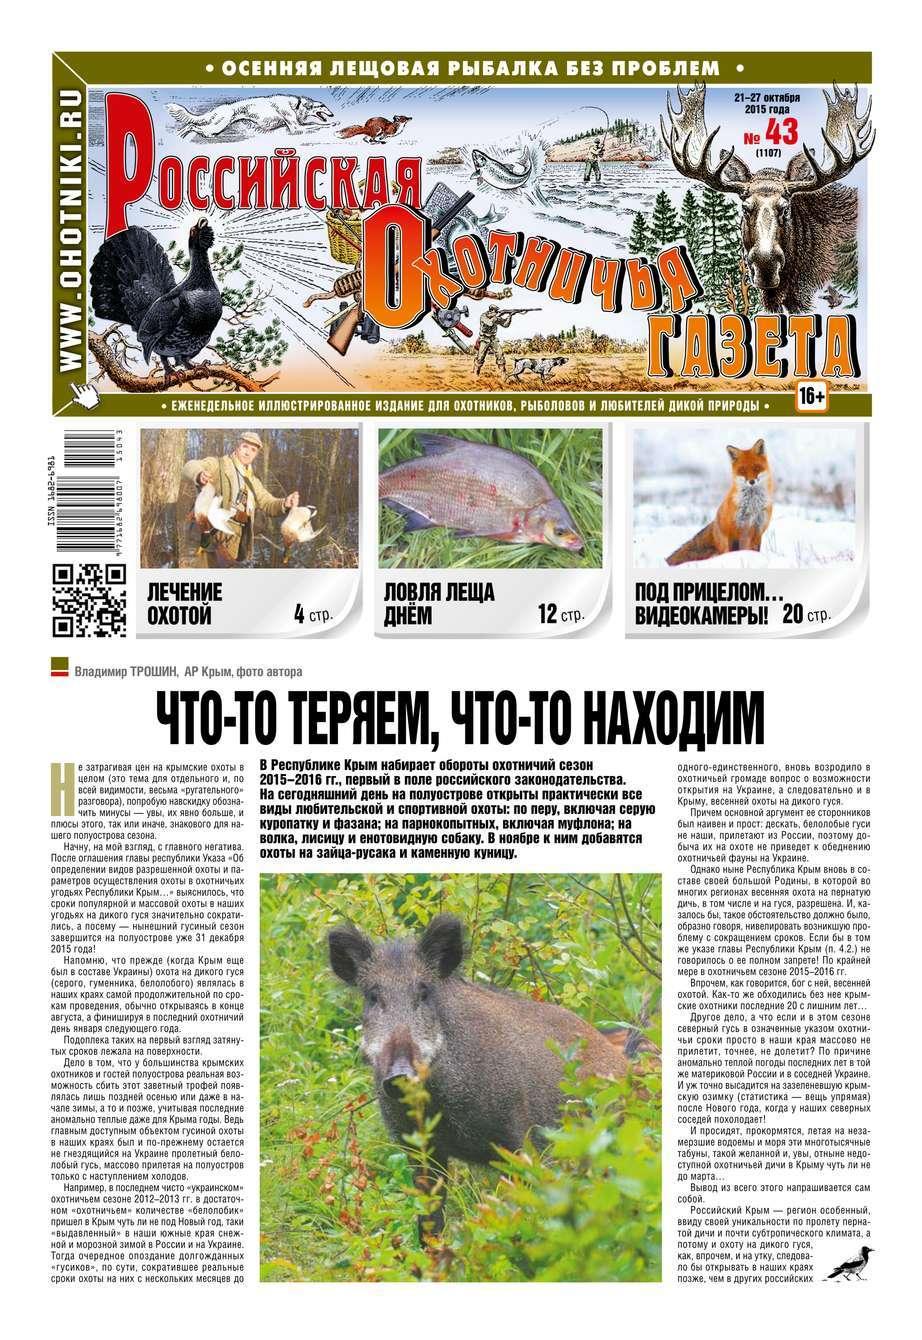 Российская Охотничья Газета 43-2015